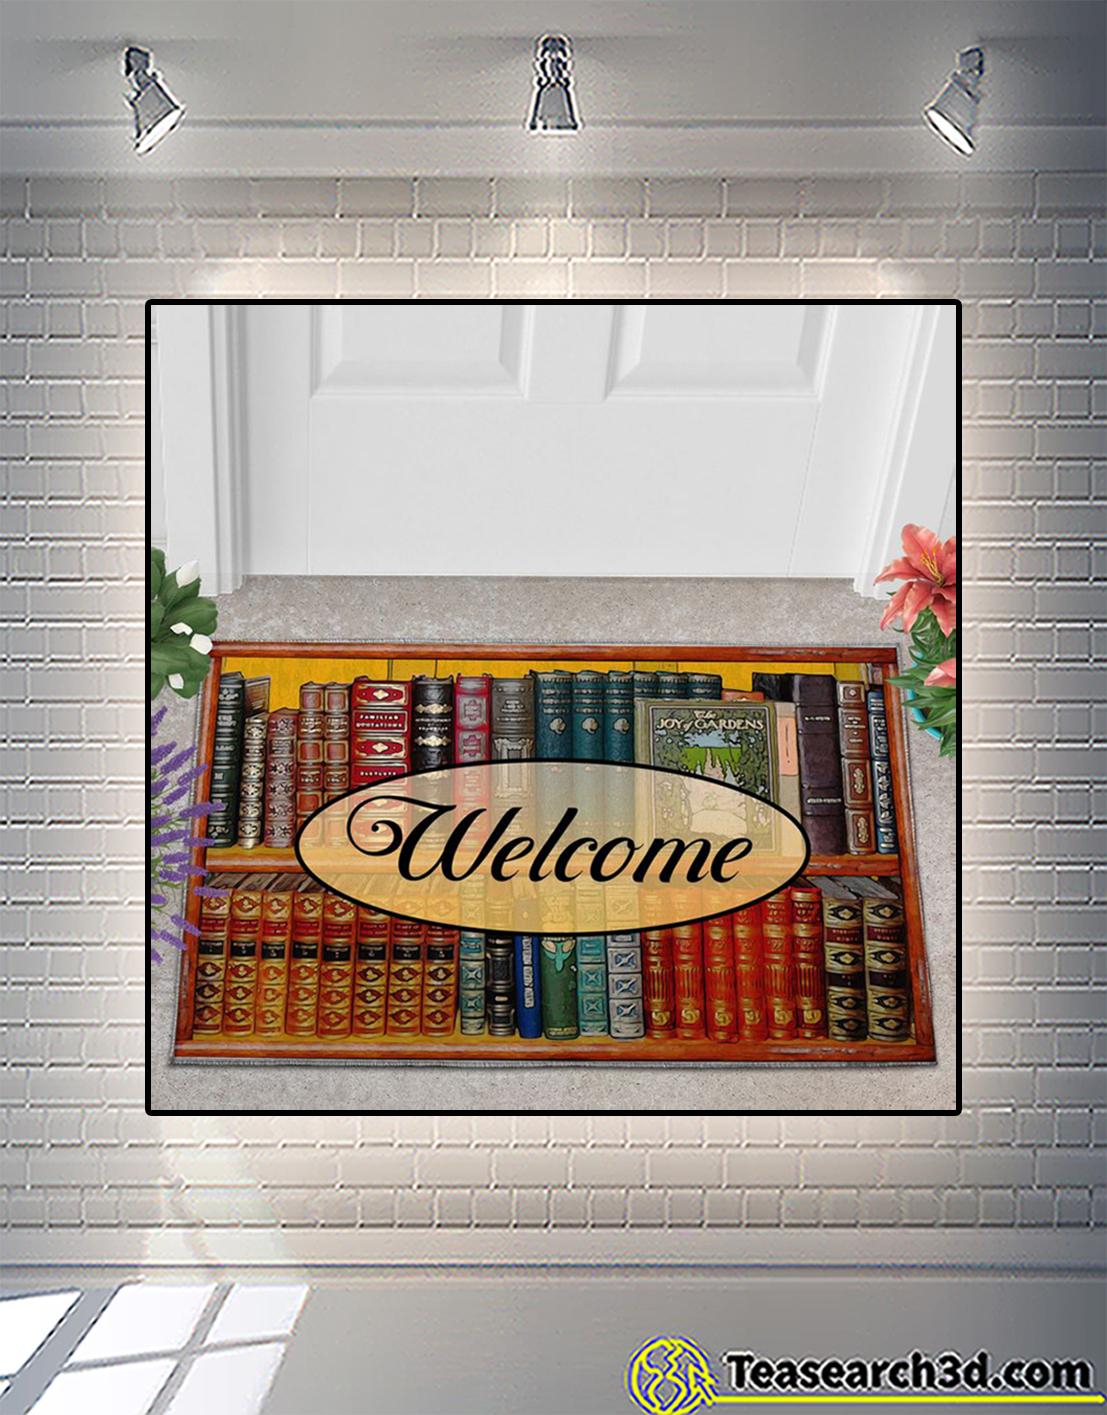 Welcome to my reading room doormat 2